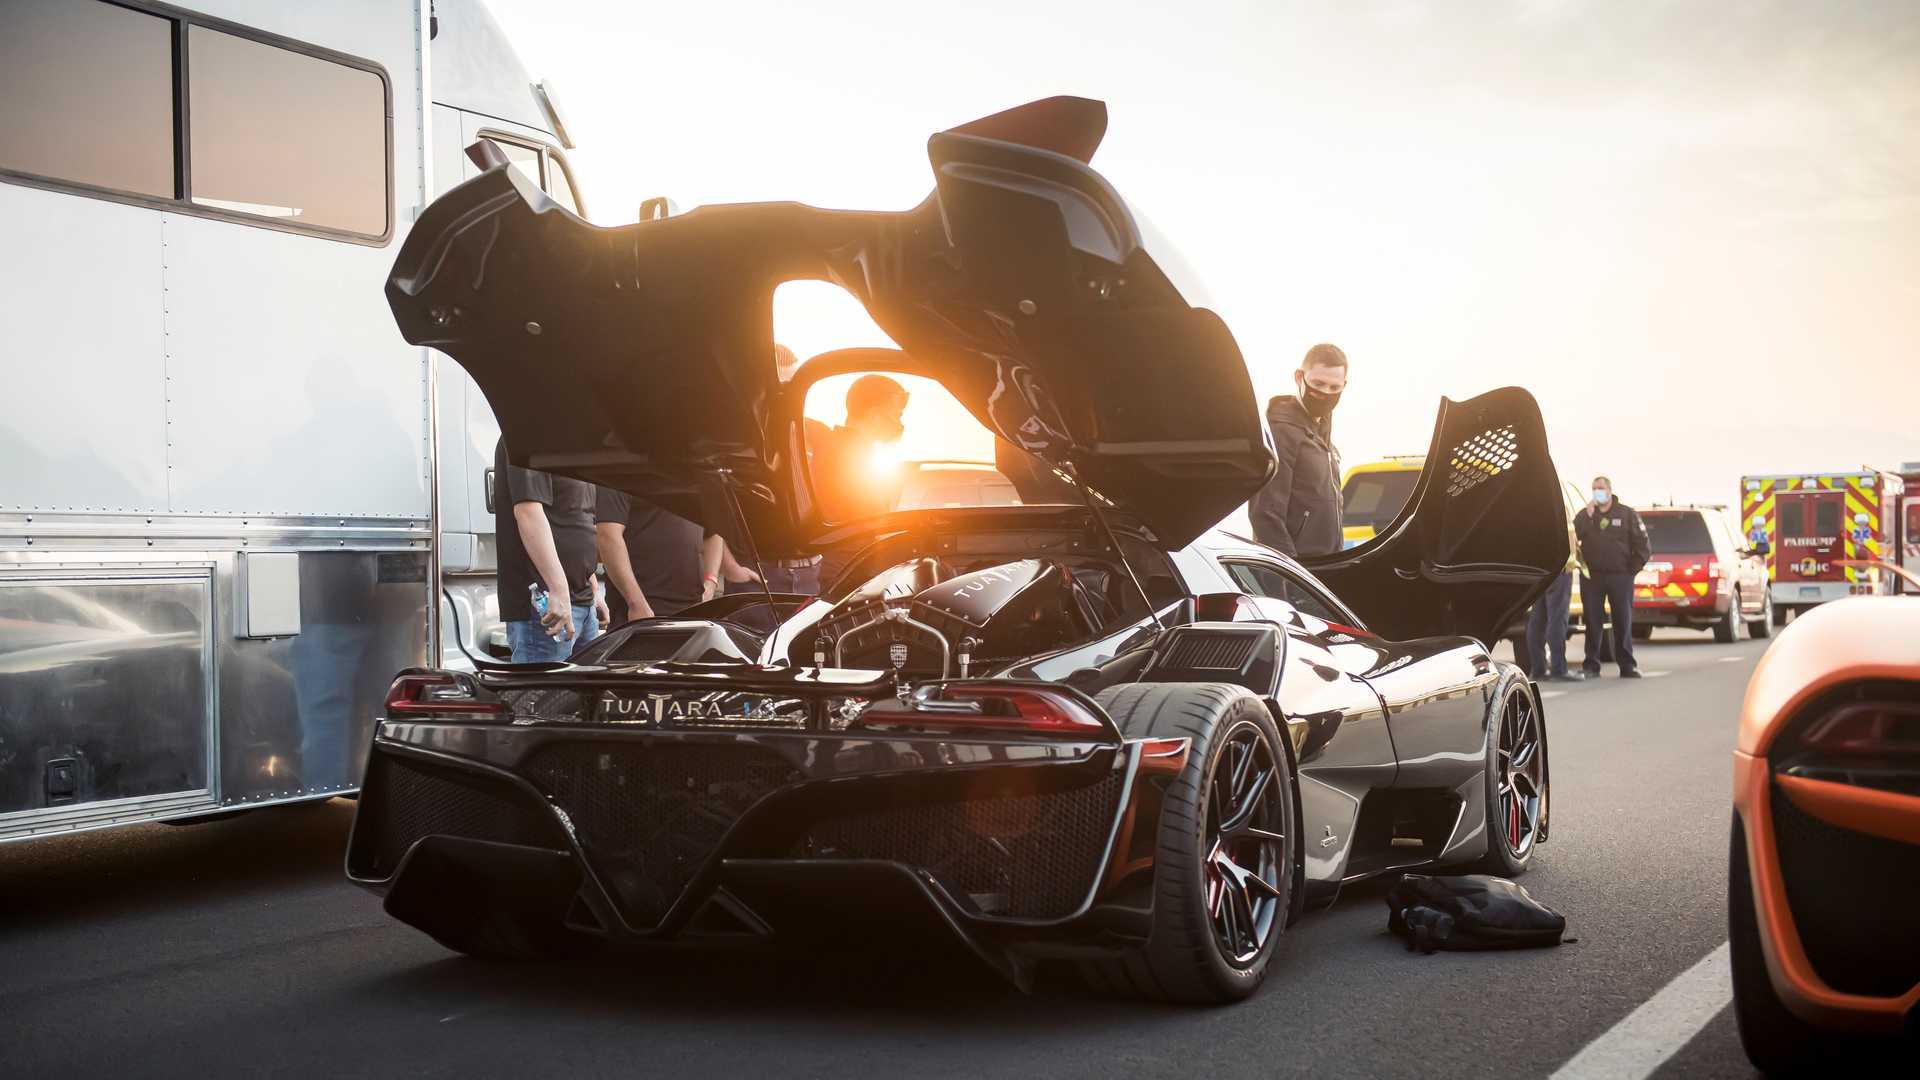 تواتارا با رکورد ۵۰۹ کیلومتربرساعت؛ سریعترین خودرو جهان شد